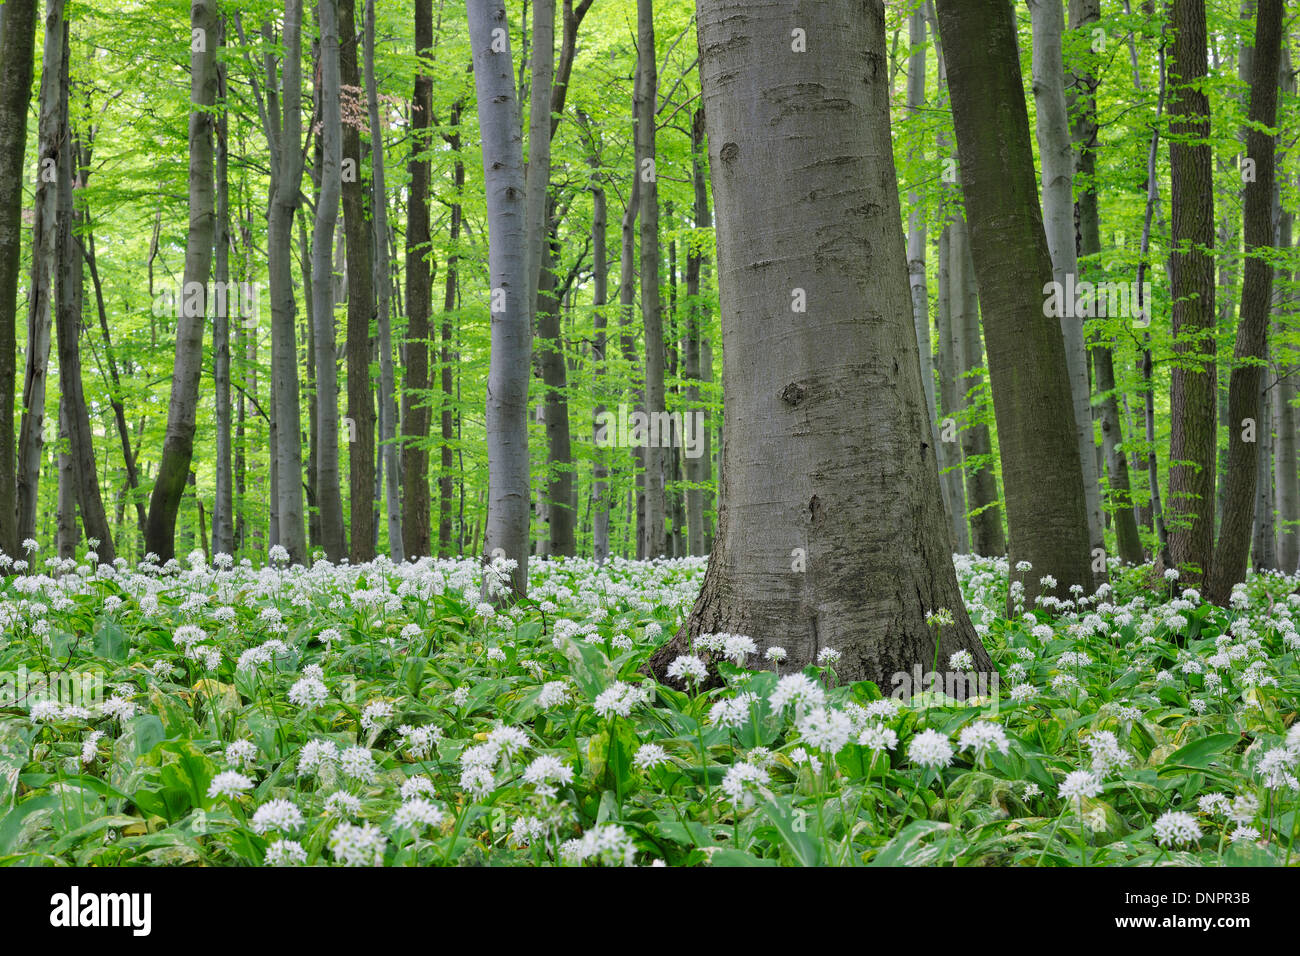 Forêt de printemps avec Ramsons Allium ursinum) (feuillage vert luxuriant. Parc national du Hainich, Thuringe, Allemagne. Banque D'Images